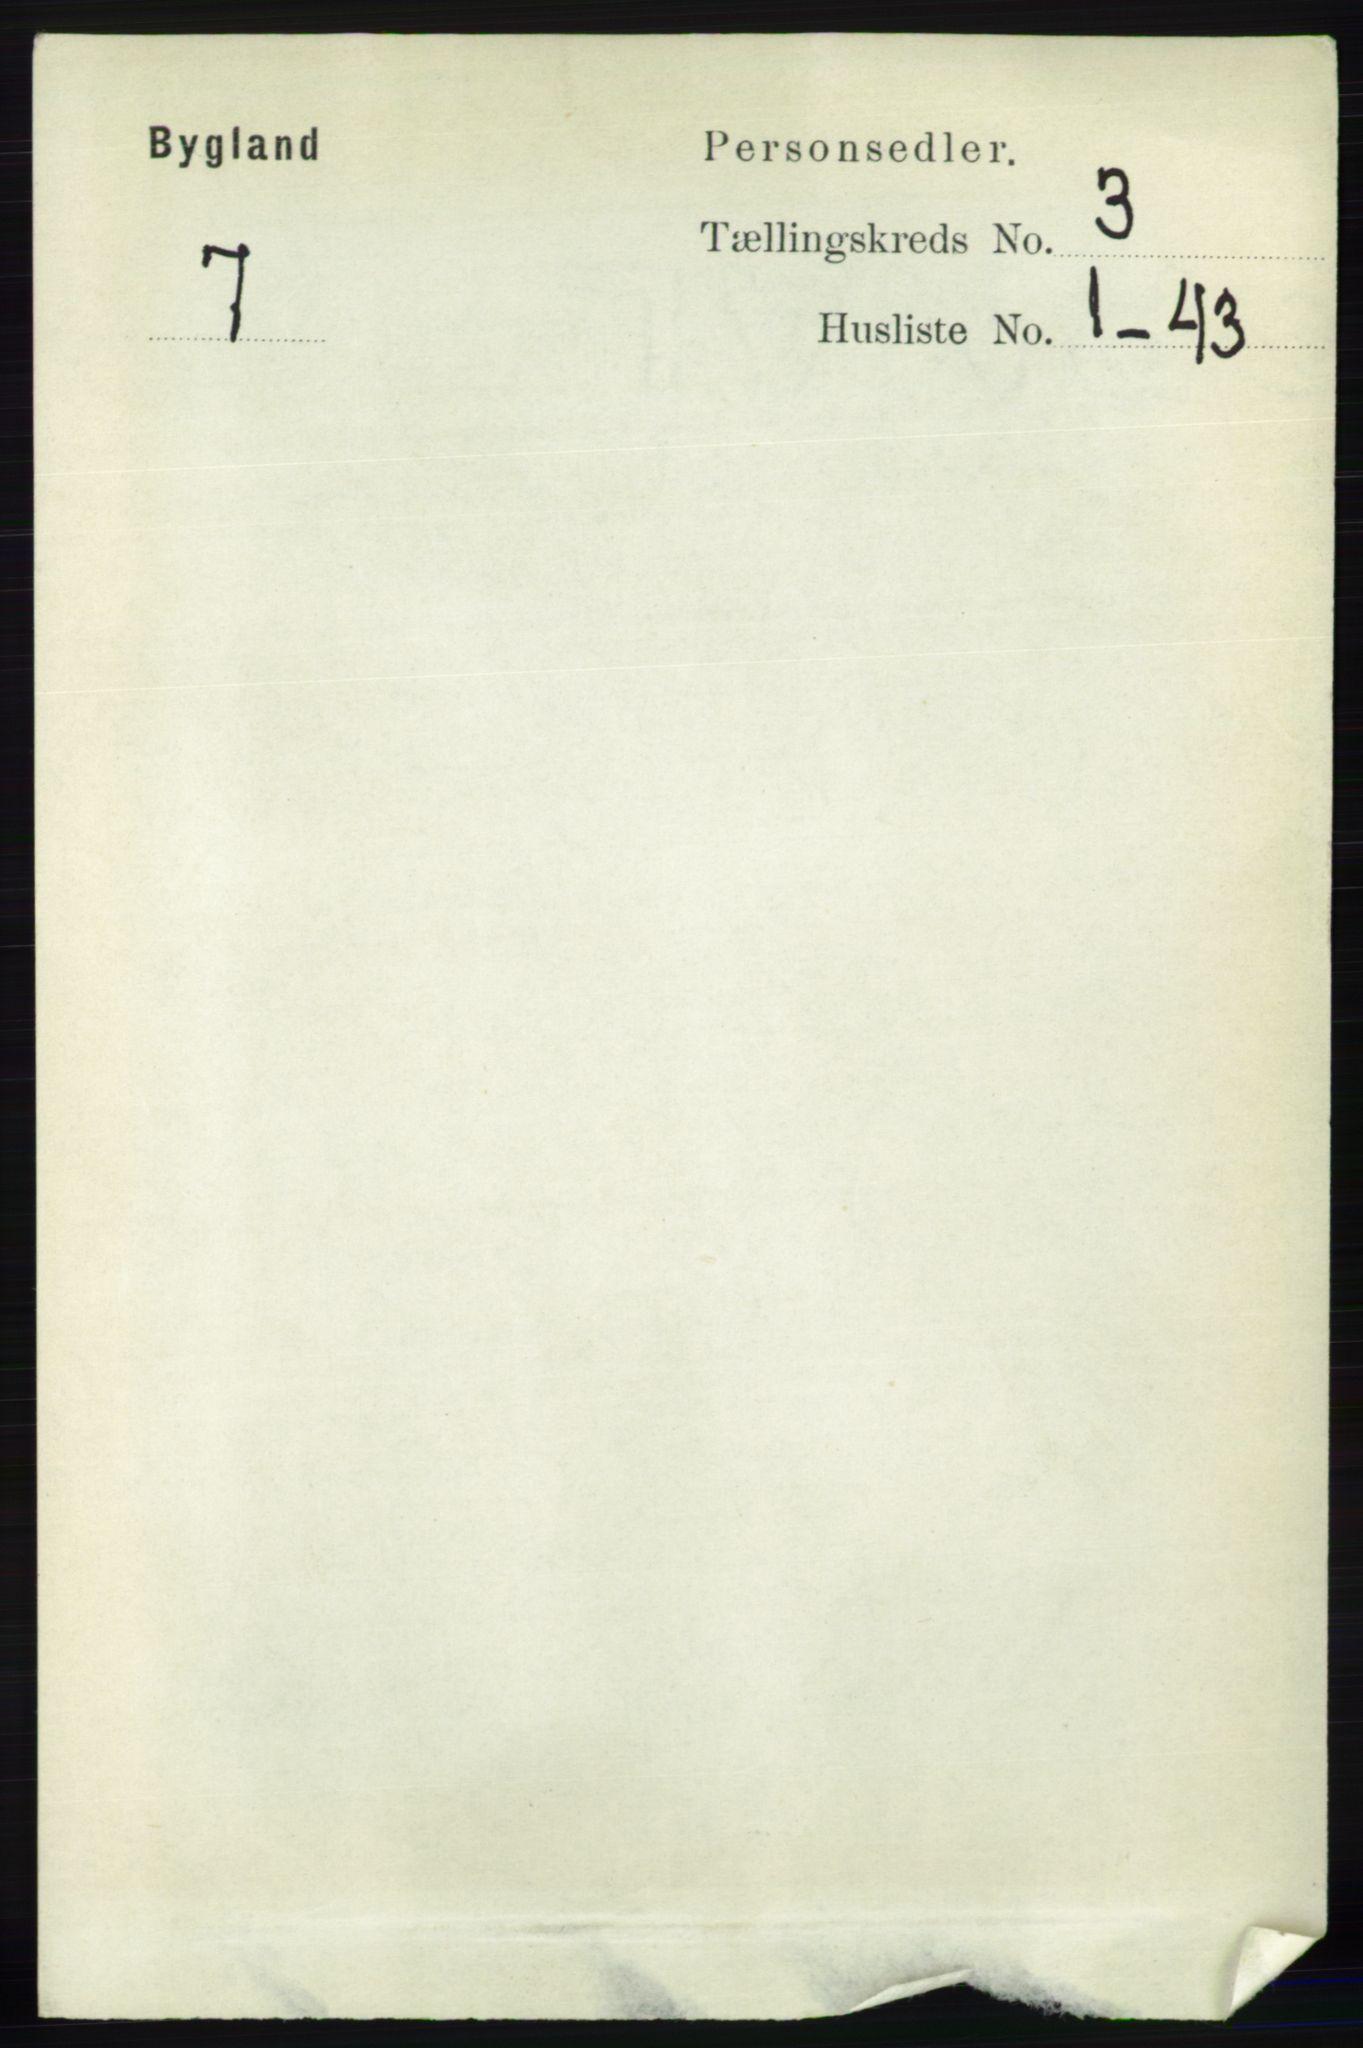 RA, Folketelling 1891 for 0938 Bygland herred, 1891, s. 569